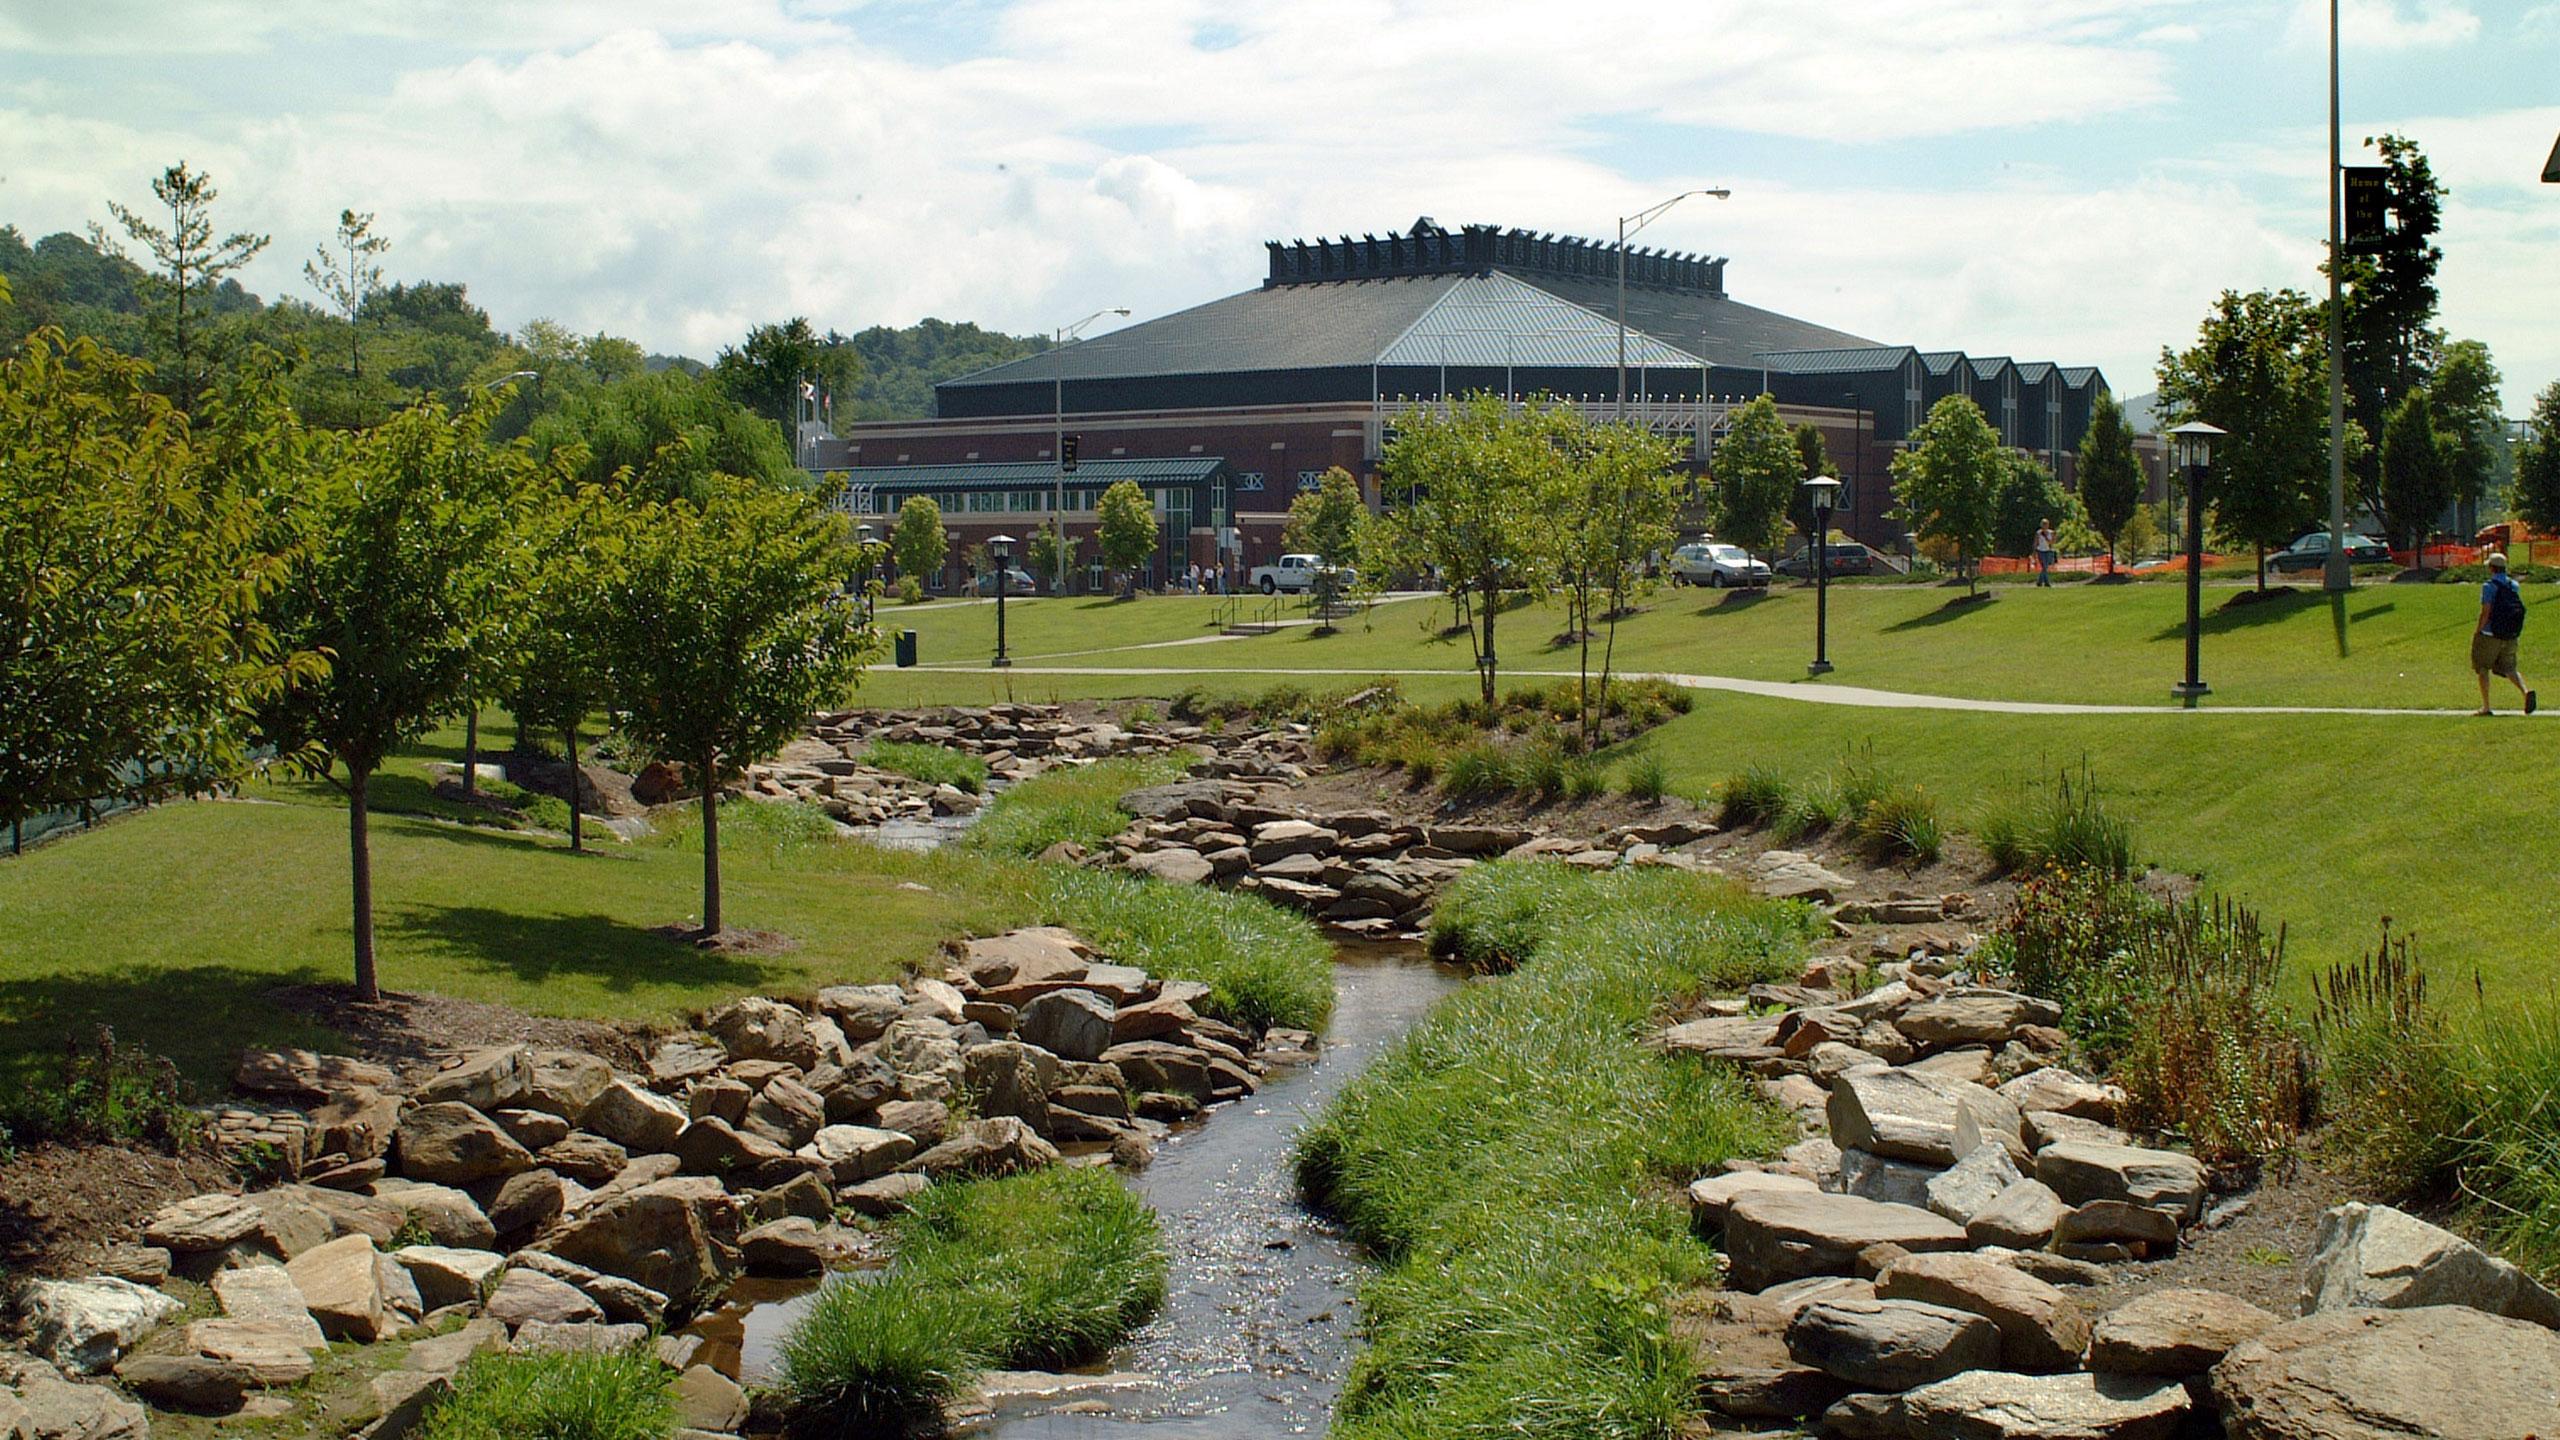 holmes convocation center exterior with stream